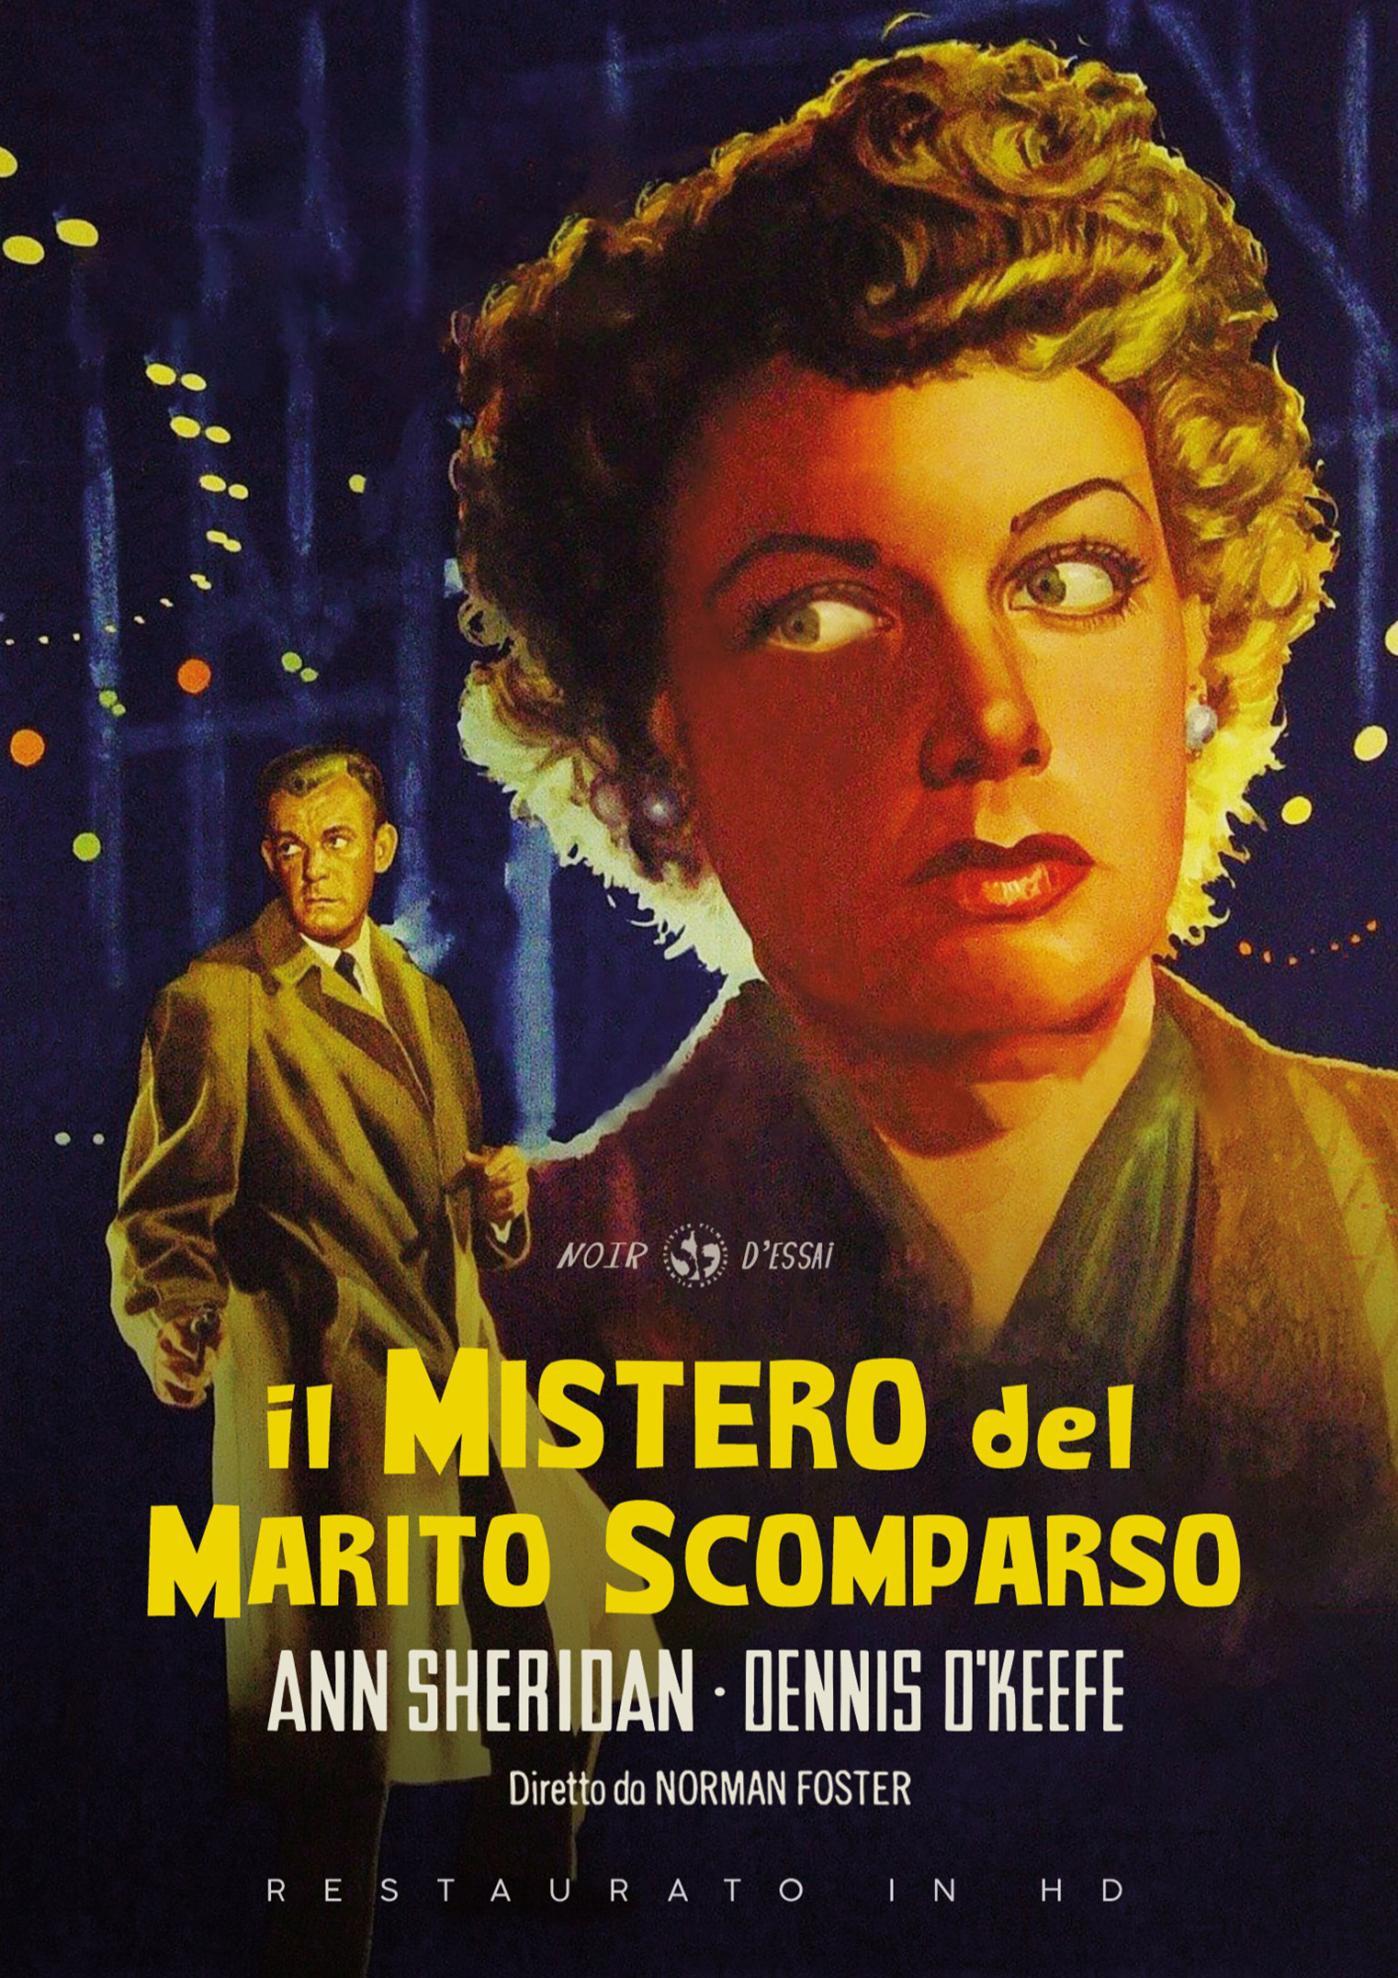 IL MISTERO DEL MARITO SCOMPARSO (RESTAURATO IN HD) (DVD)